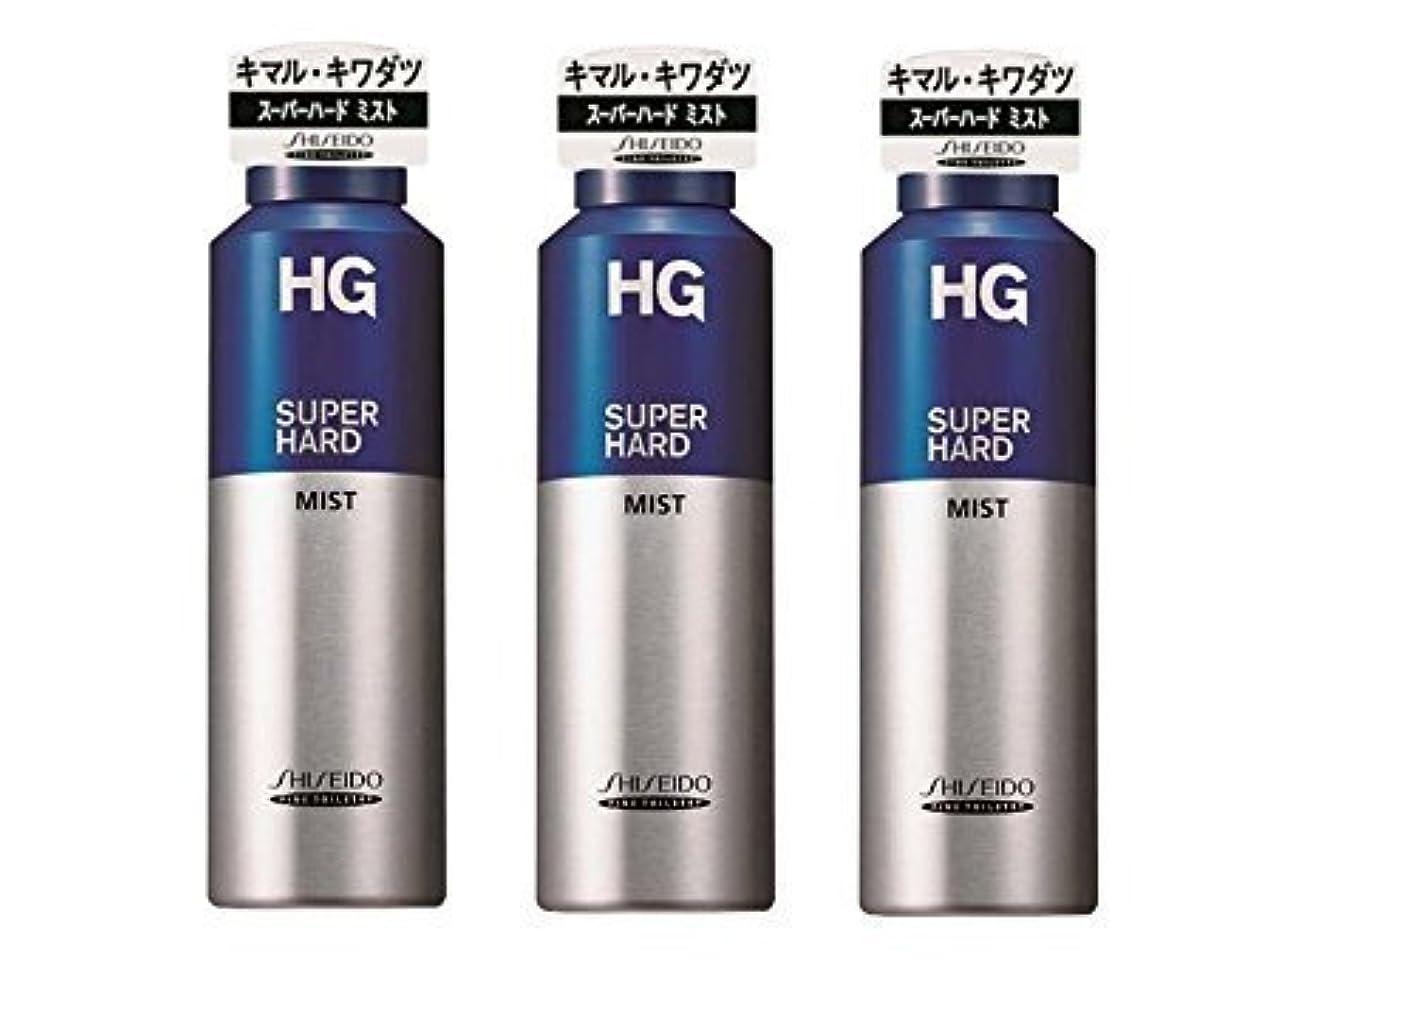 フットボール壁不健康【まとめ買い】HG スーパーハード ミスト 150g×3個